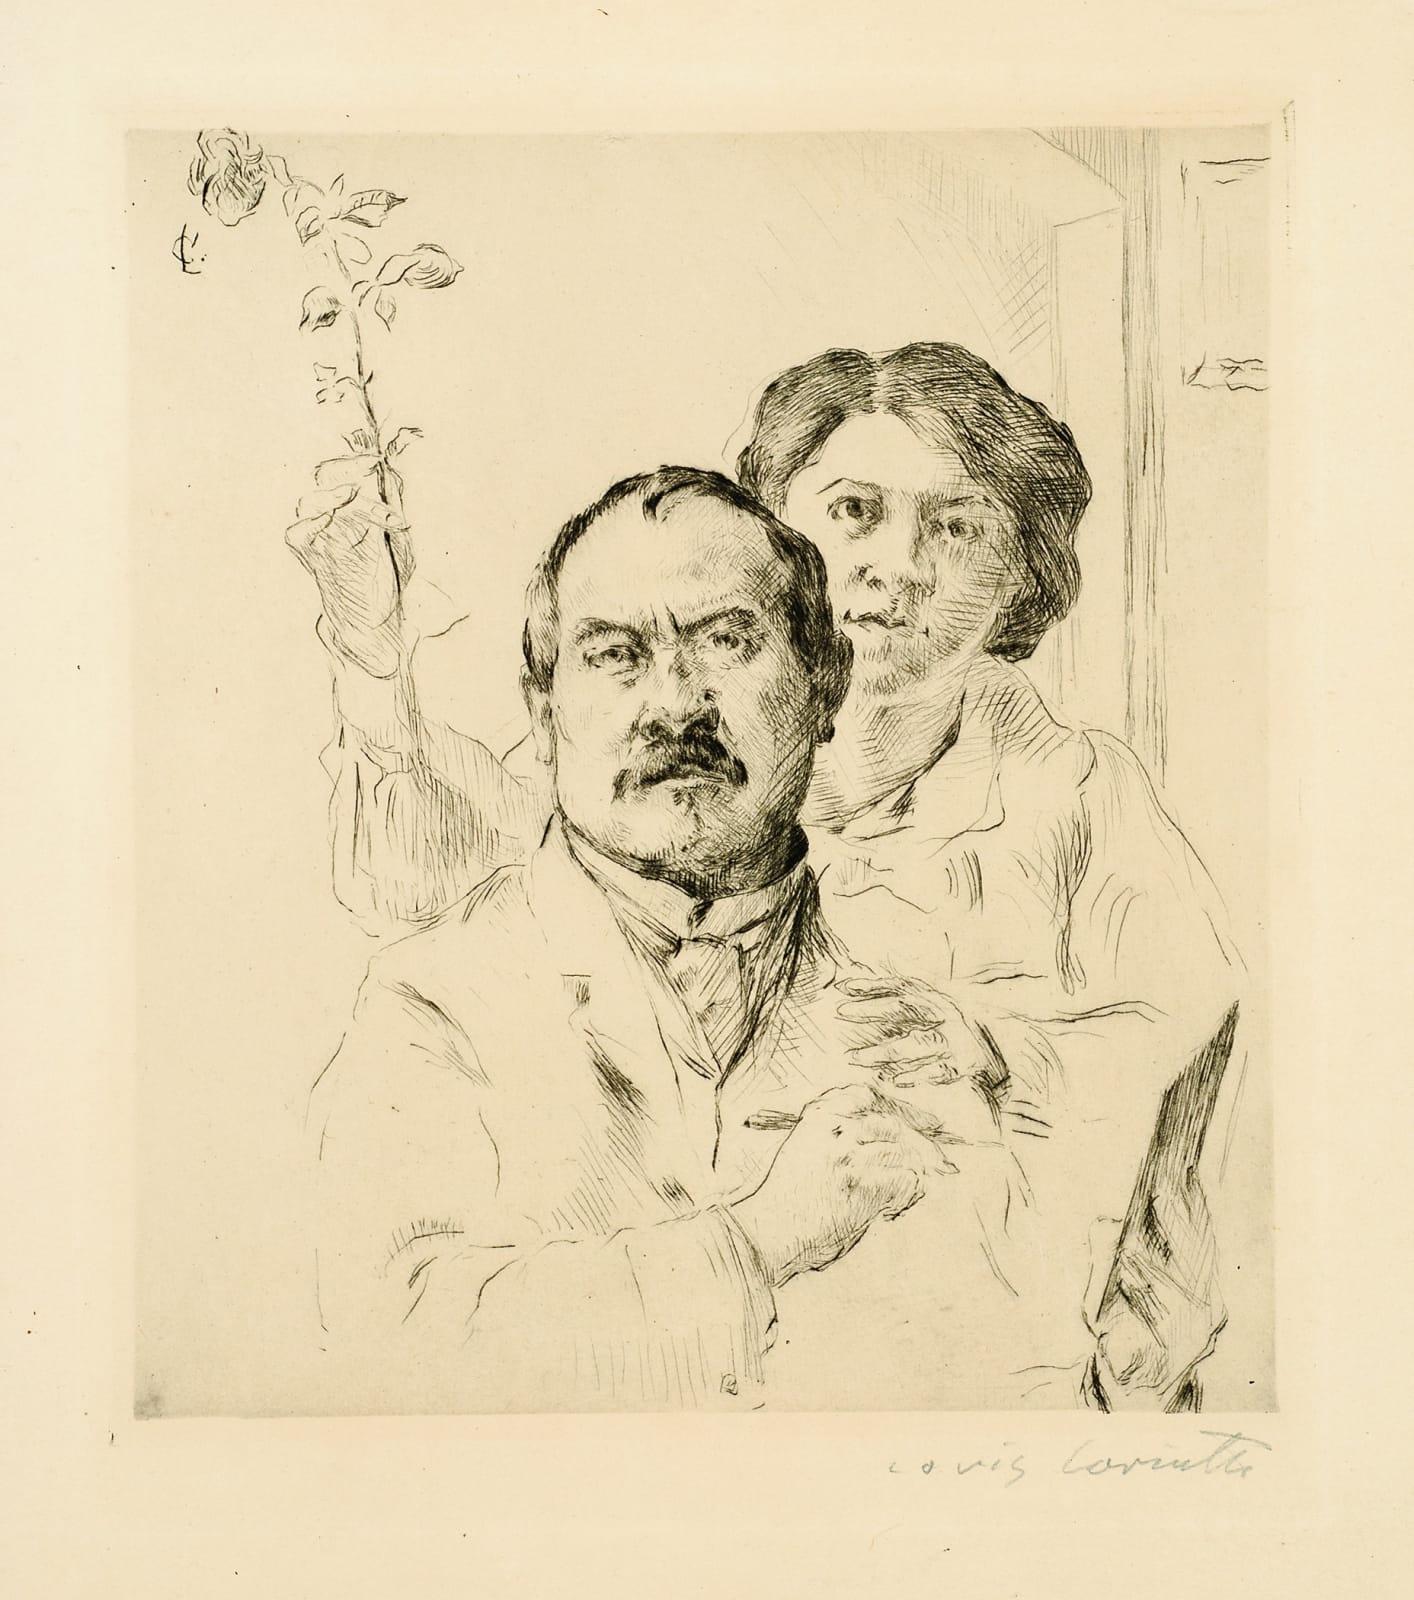 Lovis Corinth Selbstbildnis mit Gattin (Self-Portrait with Wife), 1904